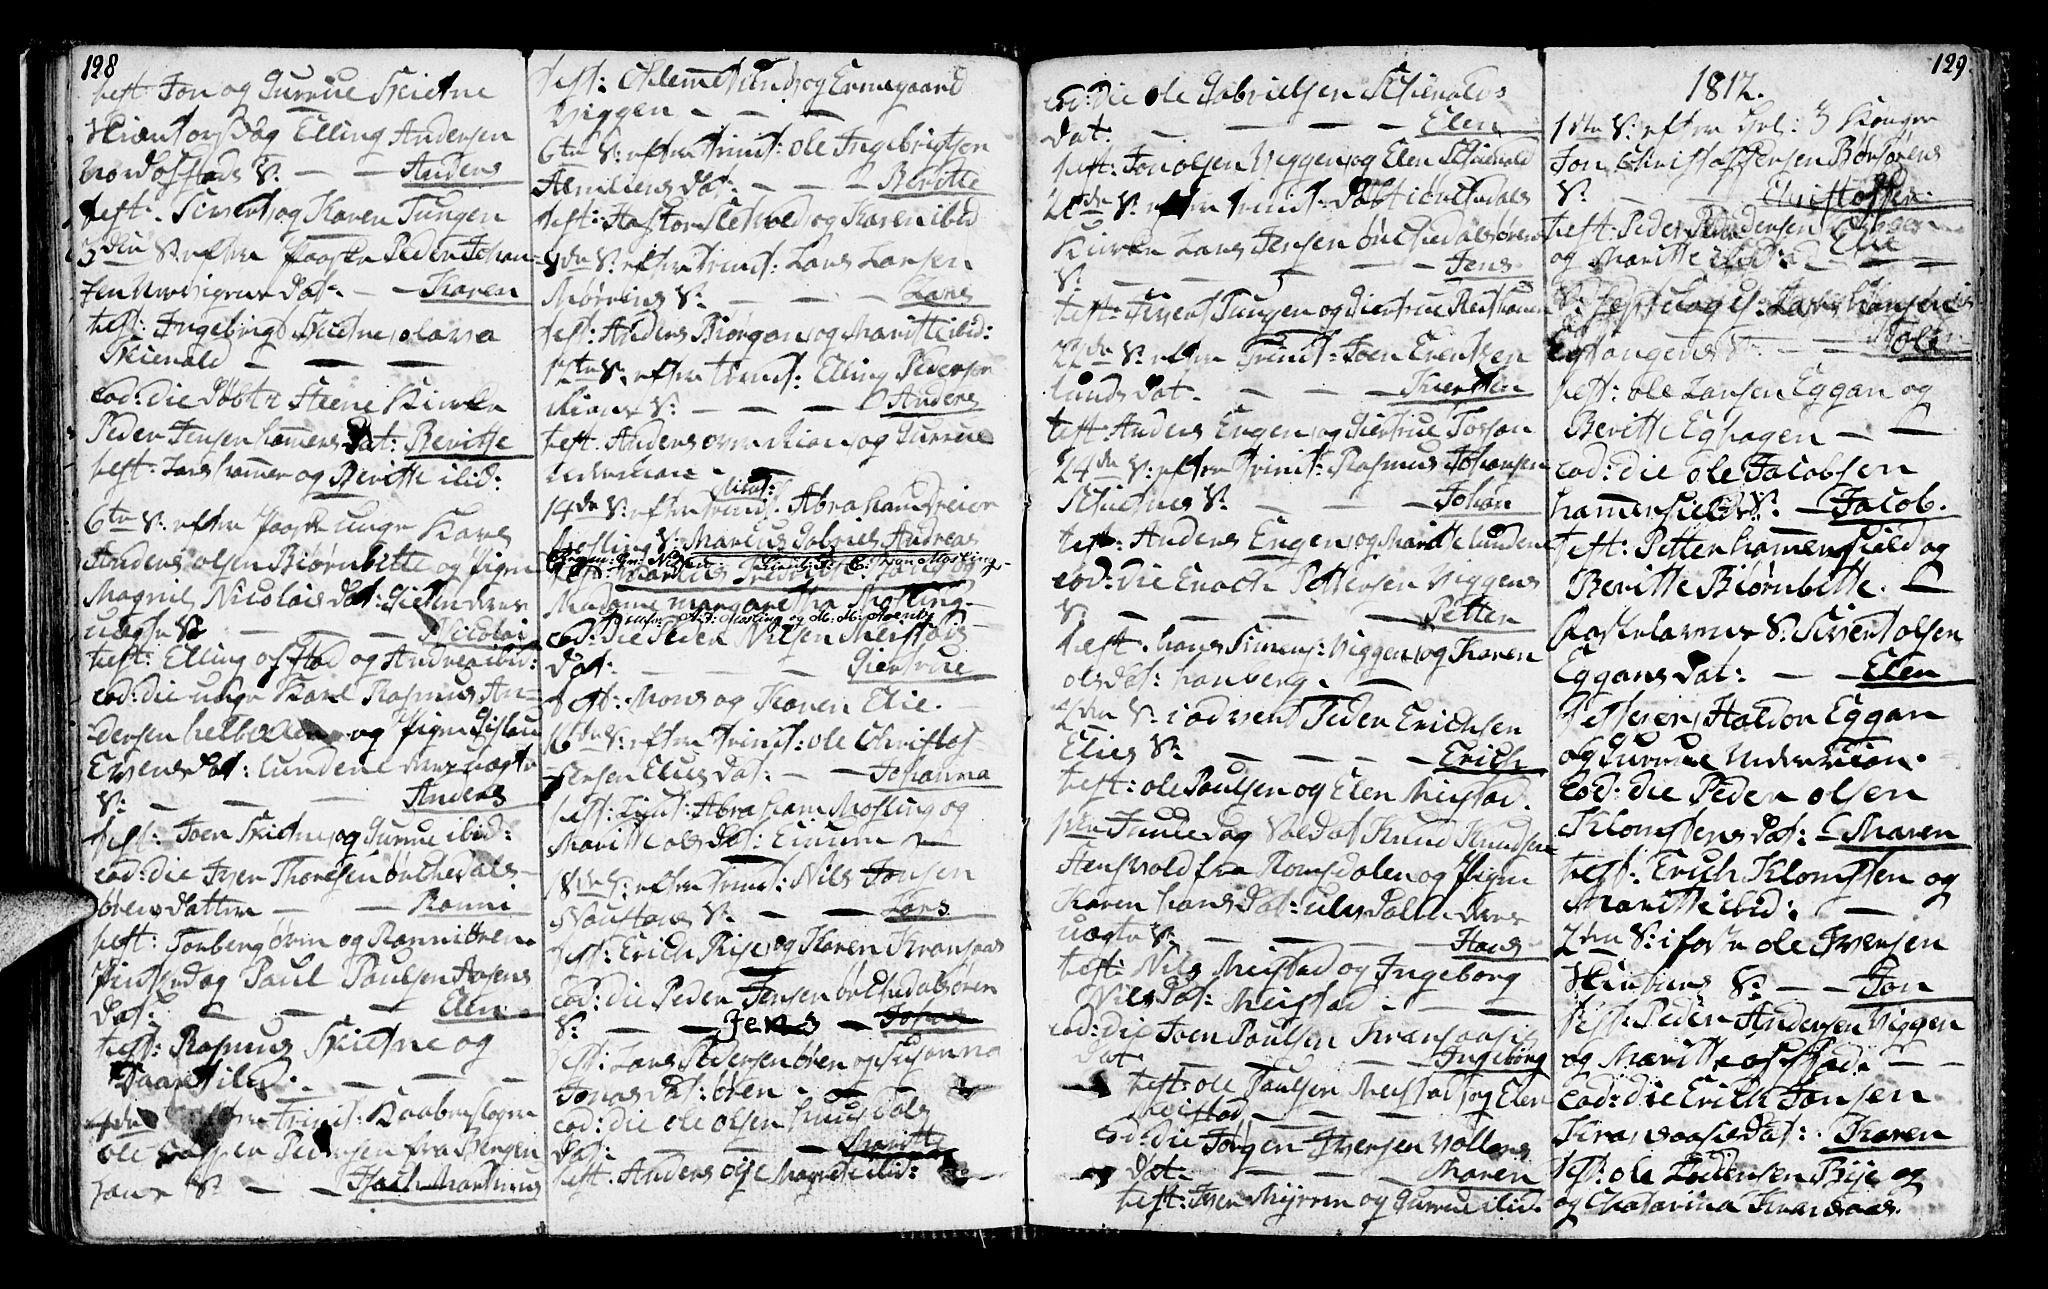 SAT, Ministerialprotokoller, klokkerbøker og fødselsregistre - Sør-Trøndelag, 665/L0769: Ministerialbok nr. 665A04, 1803-1816, s. 128-129